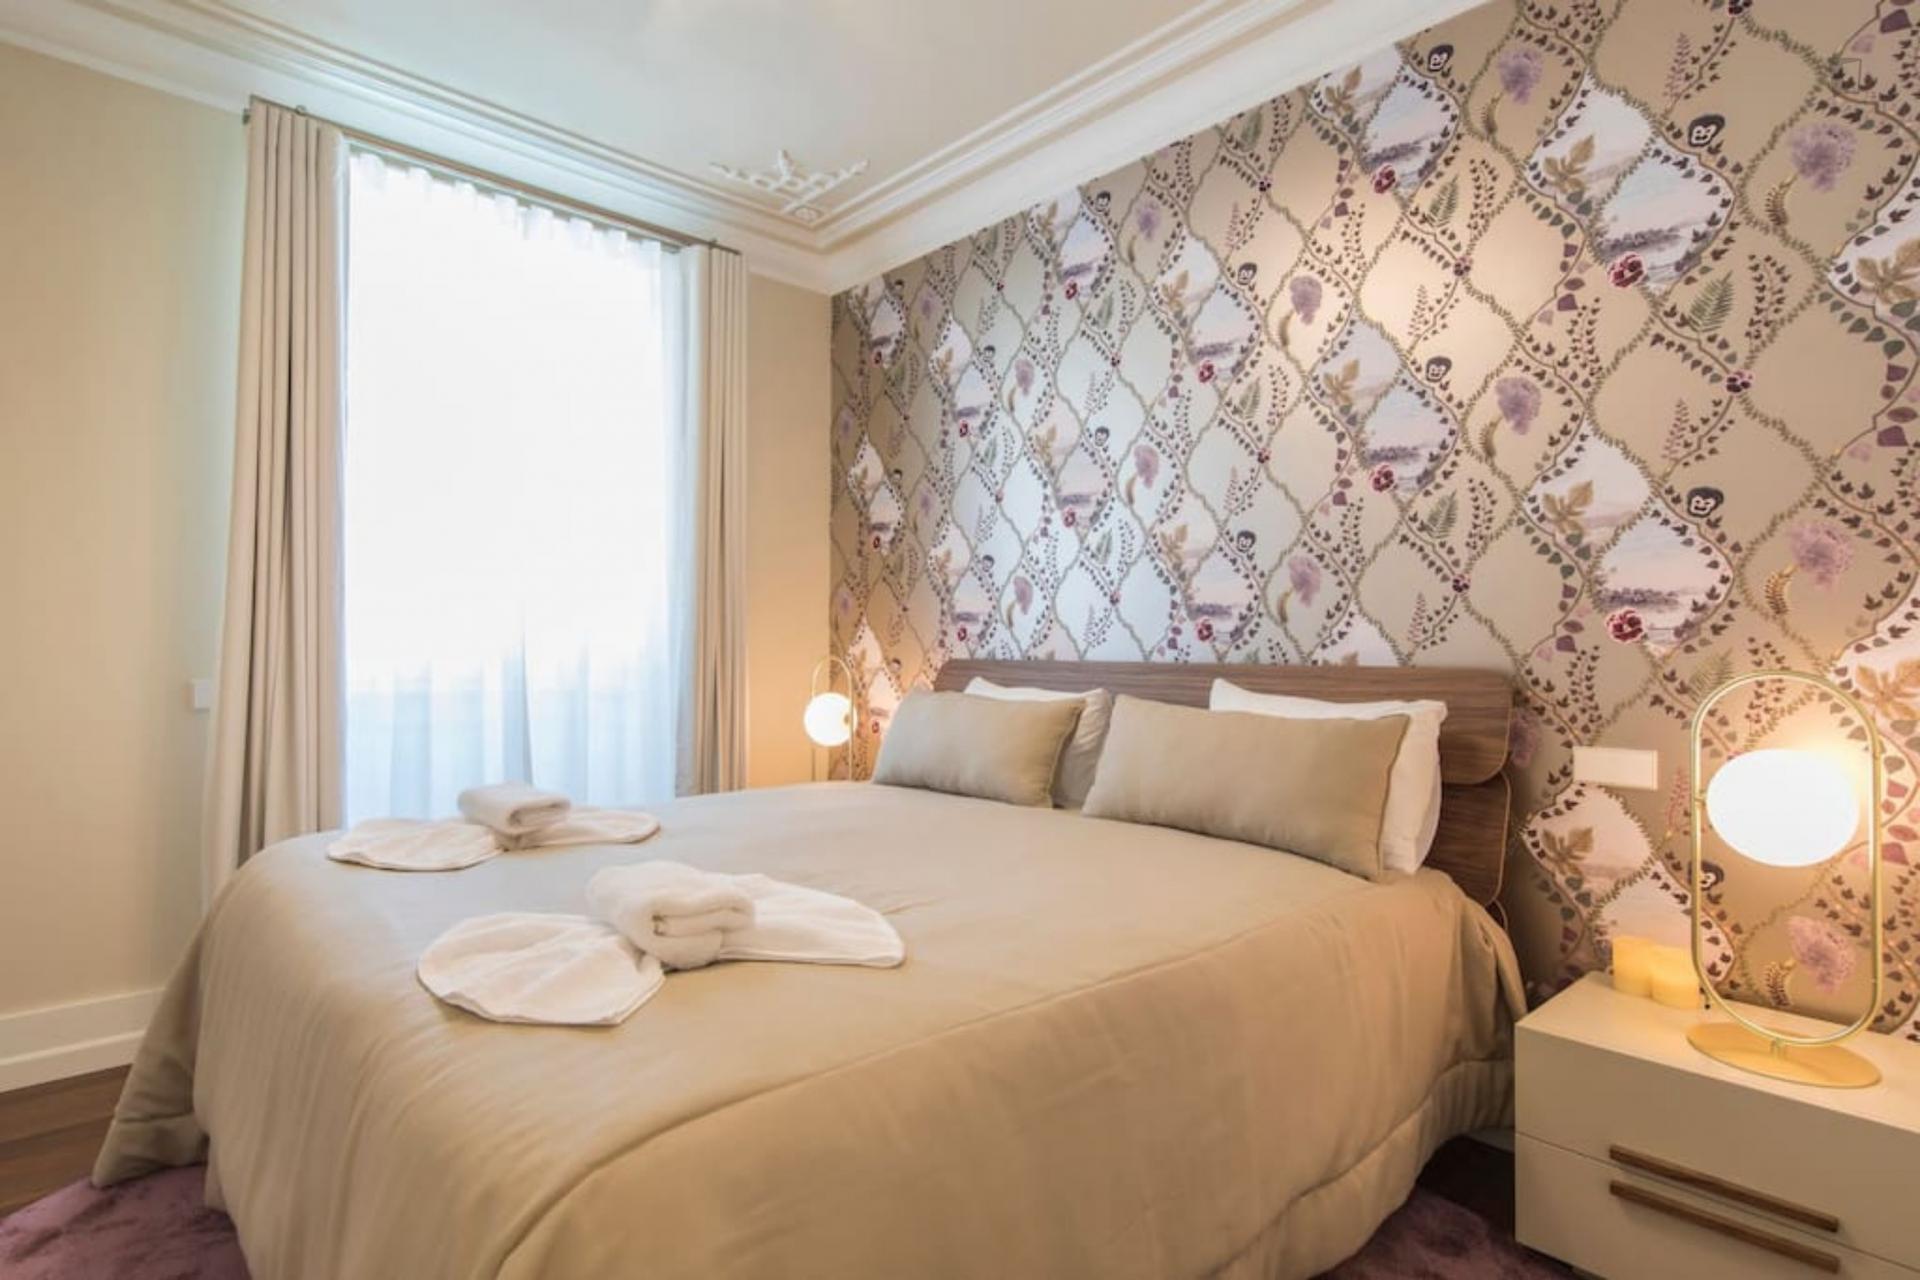 Duque de Loulé- 2 Bedroom Apartment with pool in Lisbon